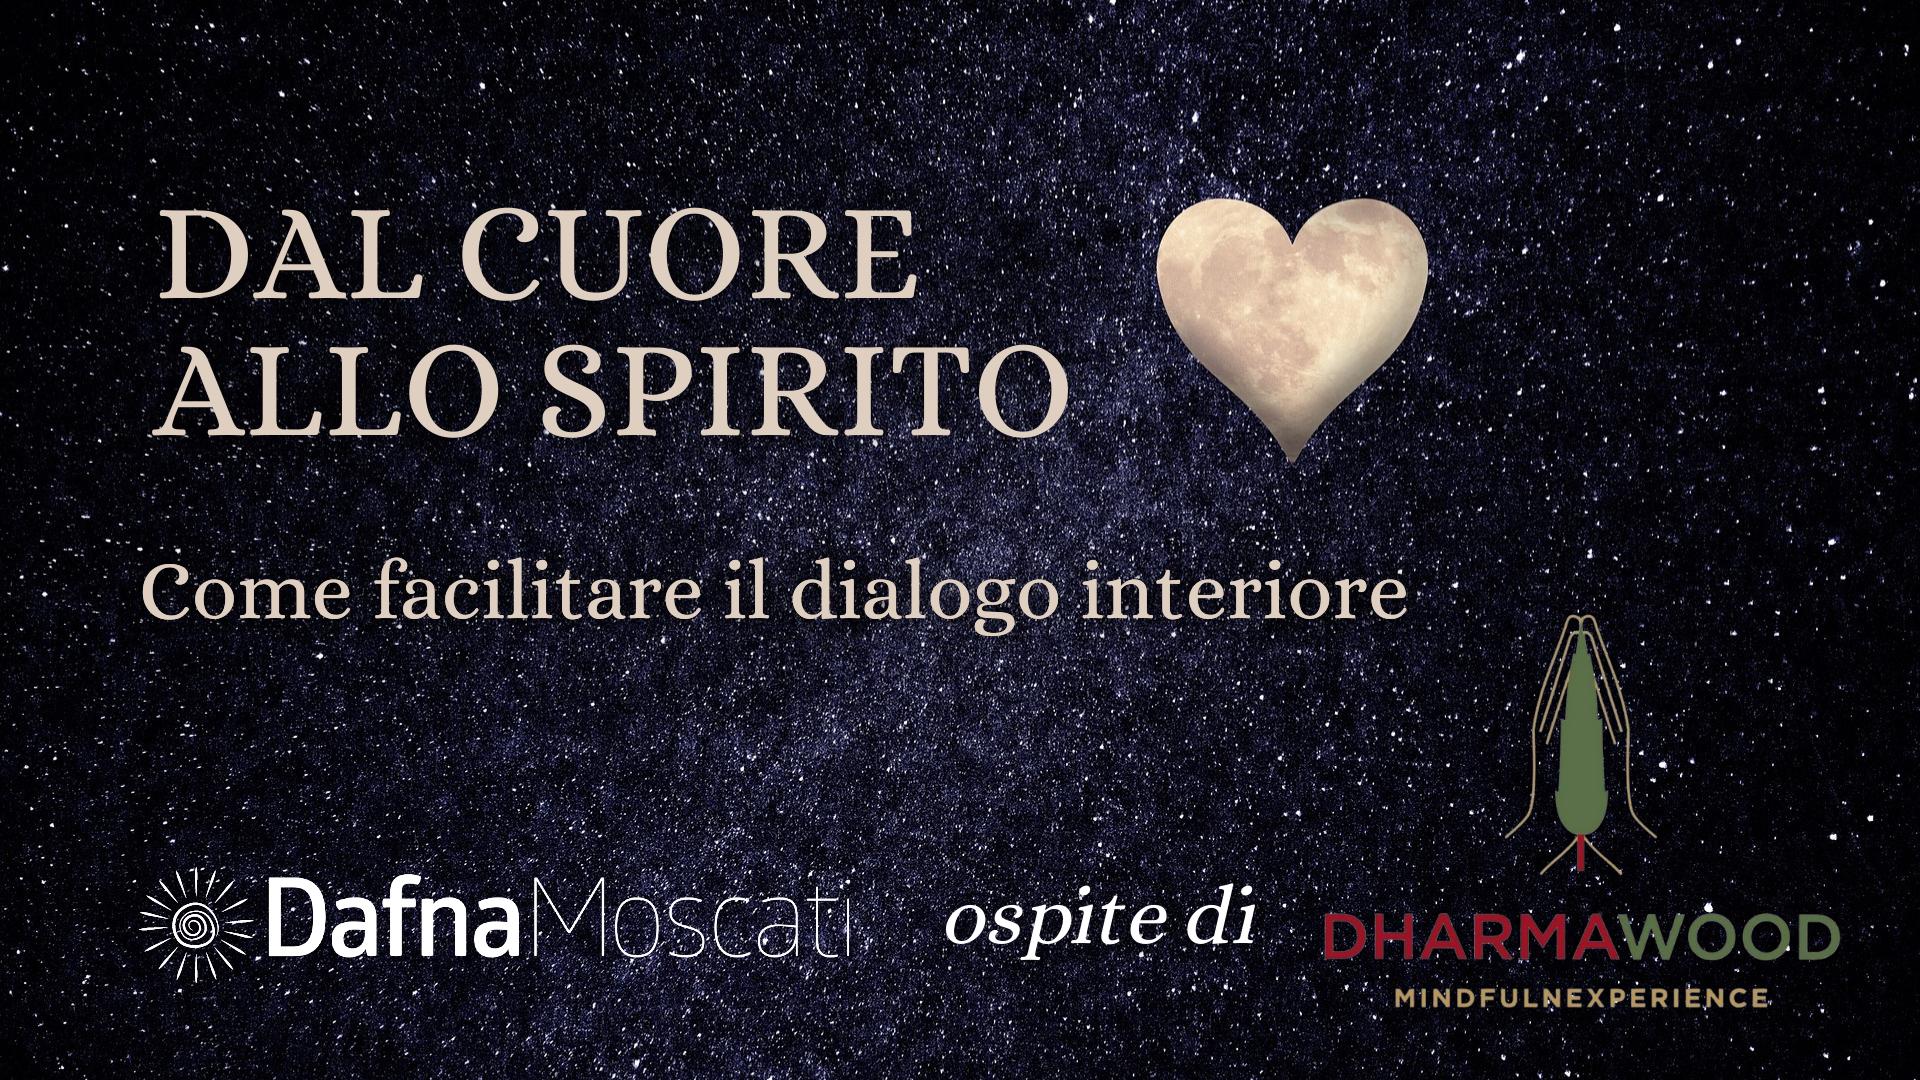 DAL CUORE ALLO SPIRITO - come facilitare il dialogo interiore